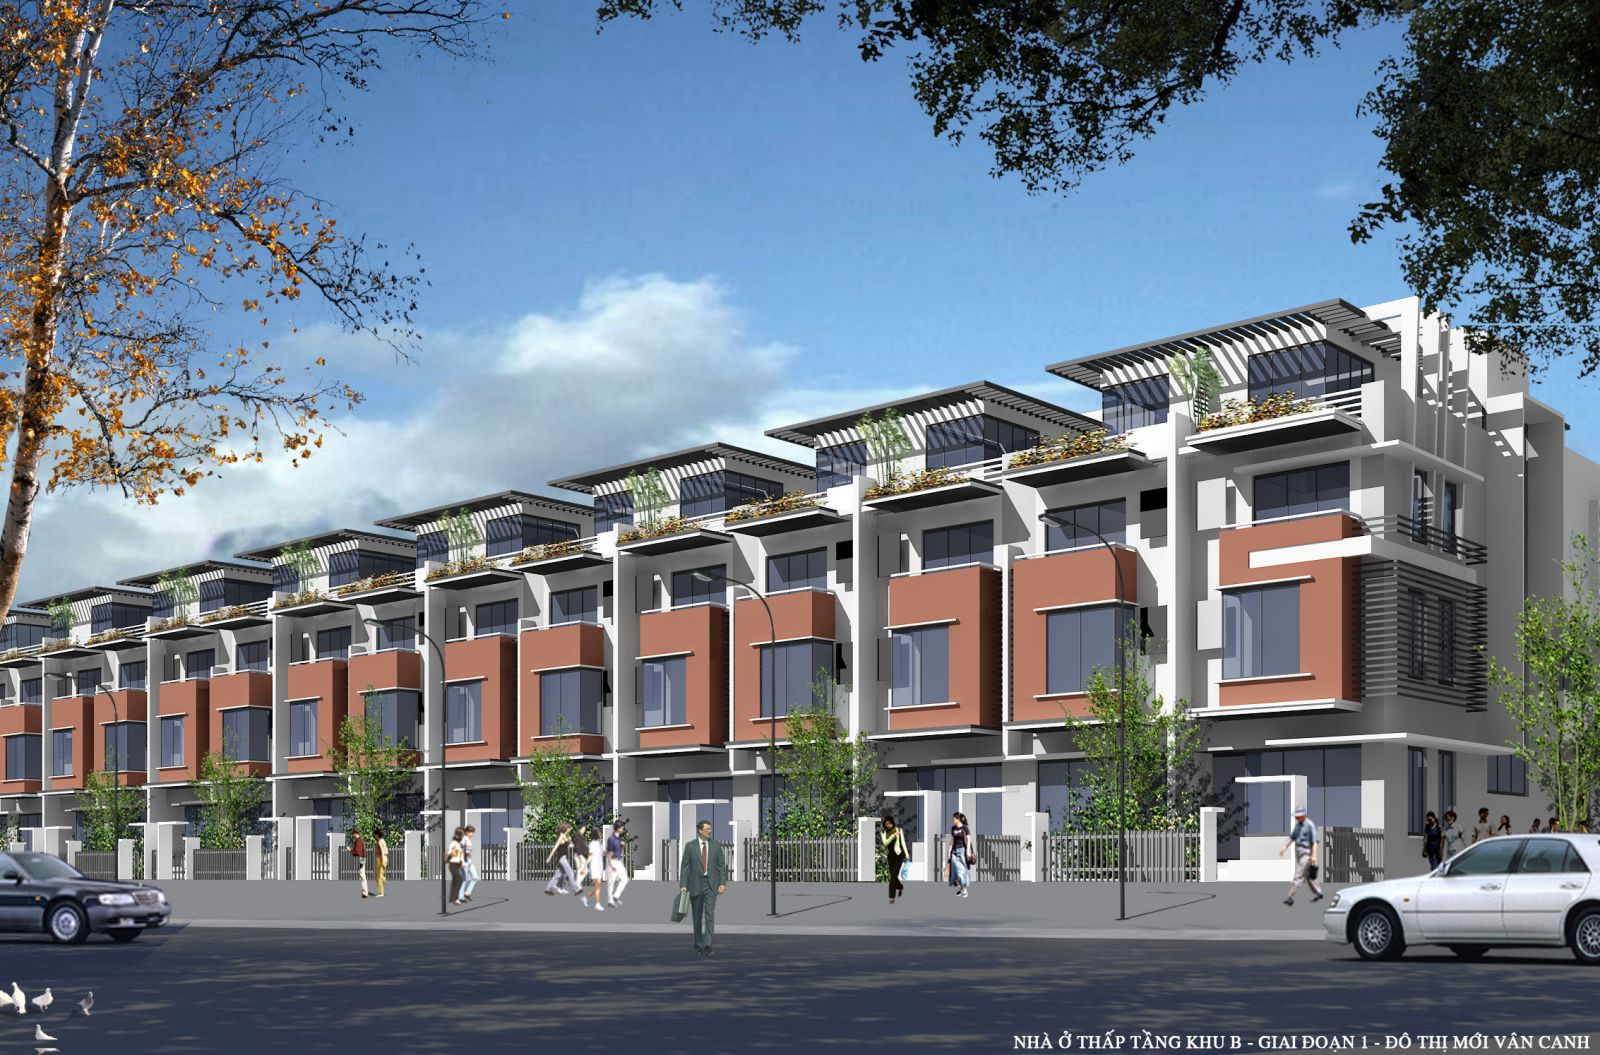 Dự án: Công trình nhà ở thấp tầng tại khu đô thị mới Vân Canh